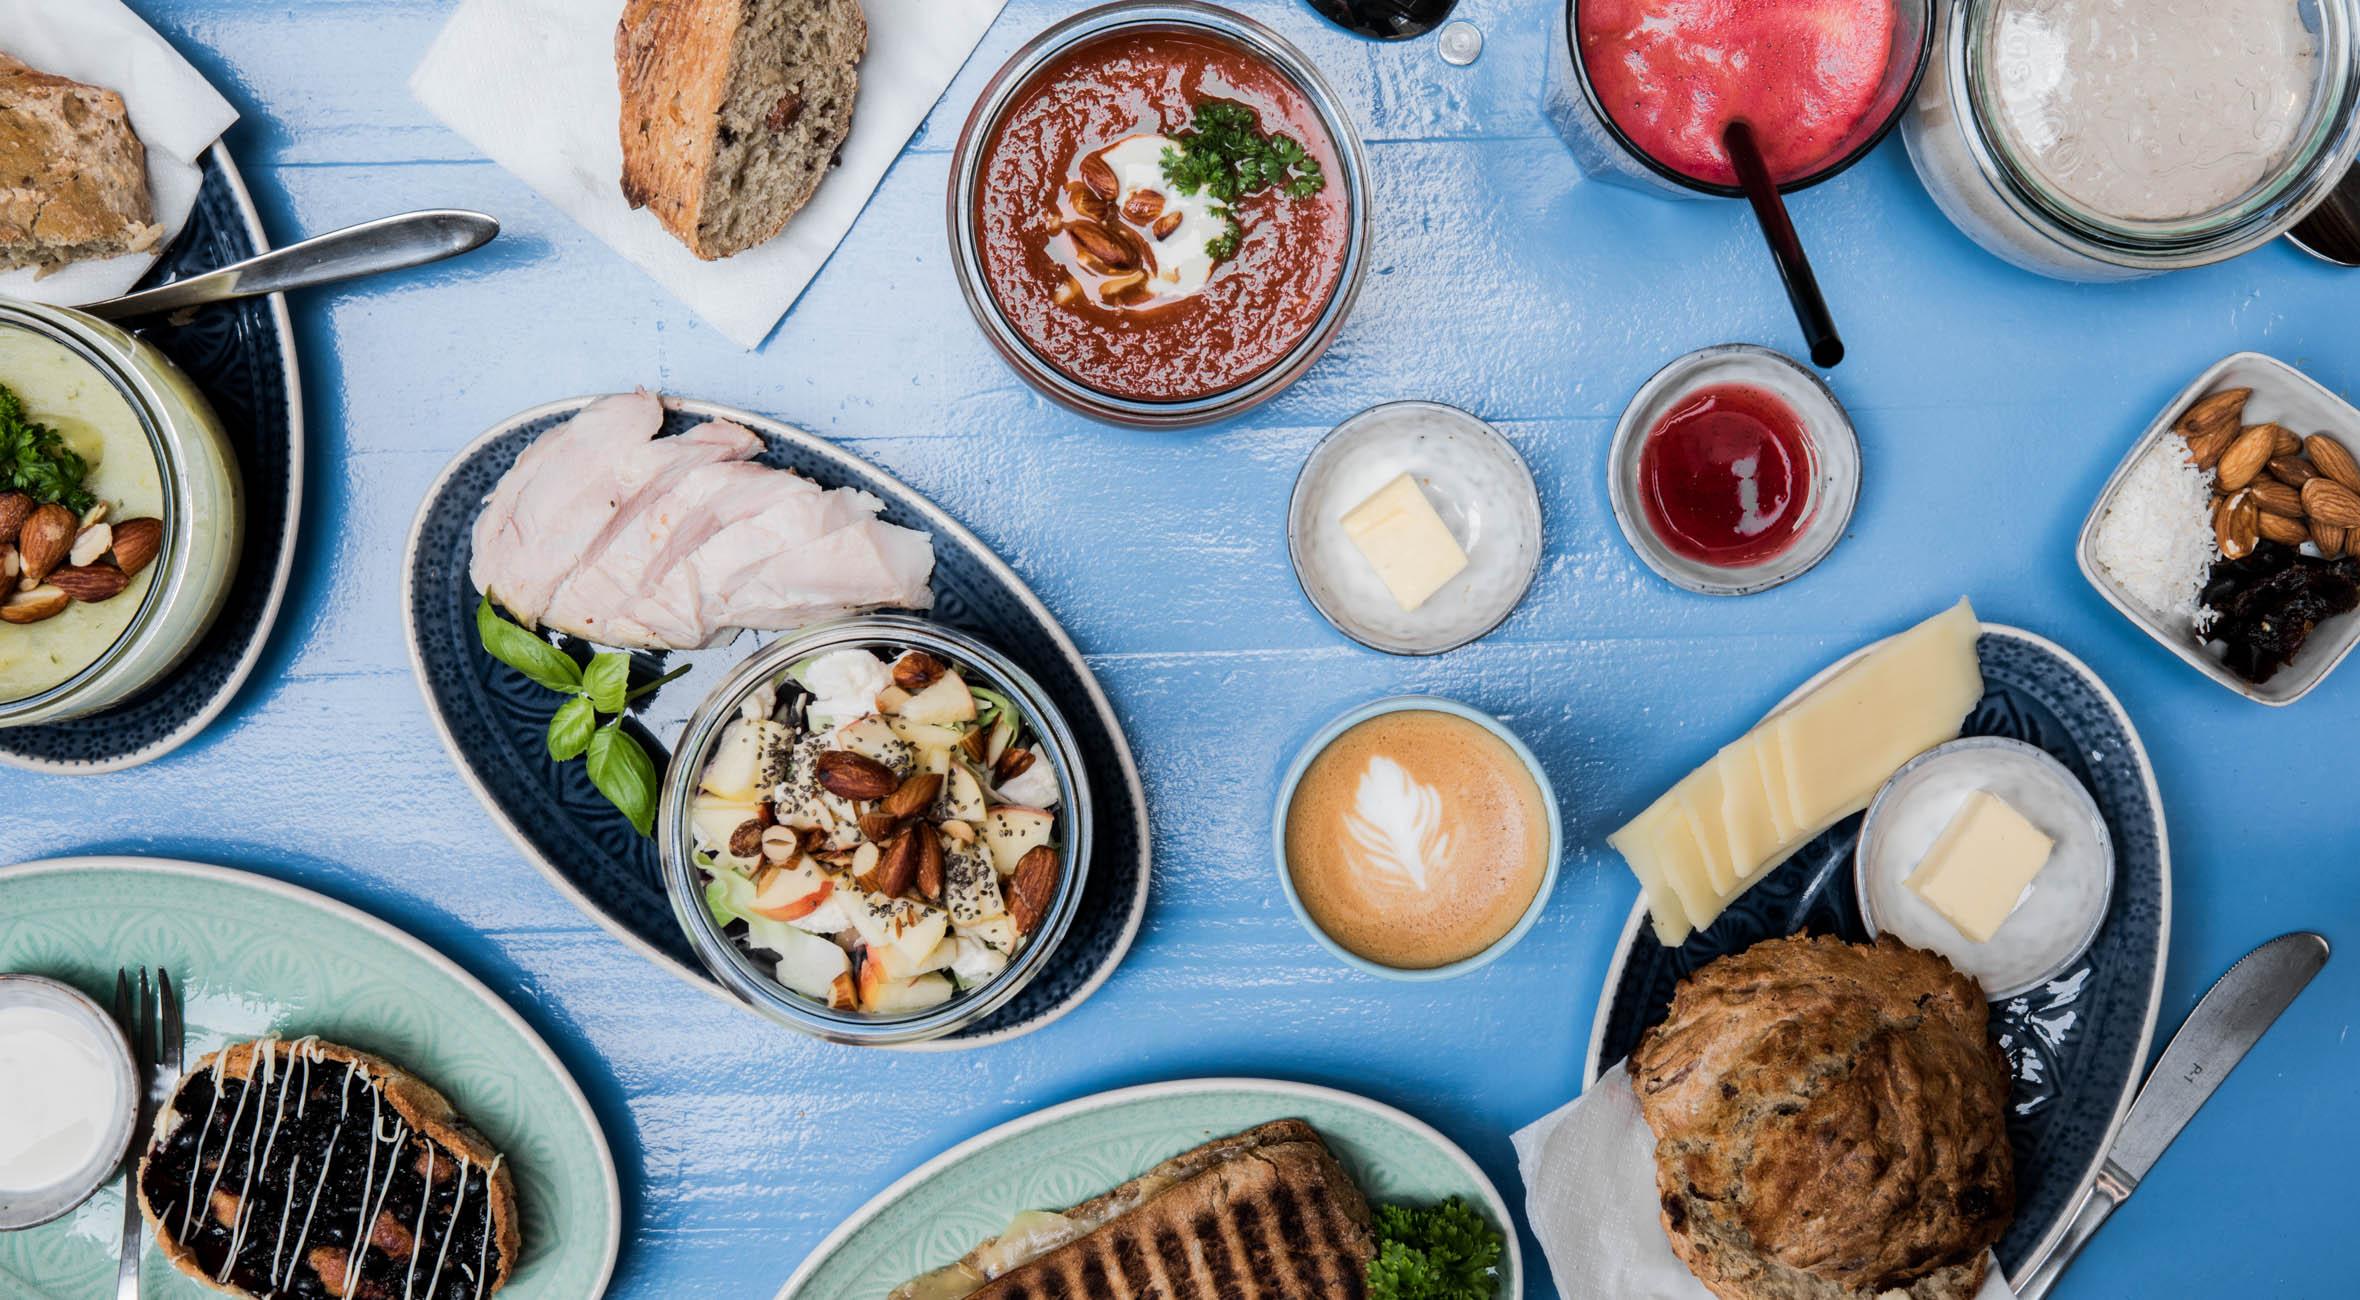 Frit valg til alt hos Den Go'e Kaffebar – Kombineret kaffebar & café byder på hygge, brunch, kaffe & kage m.m.